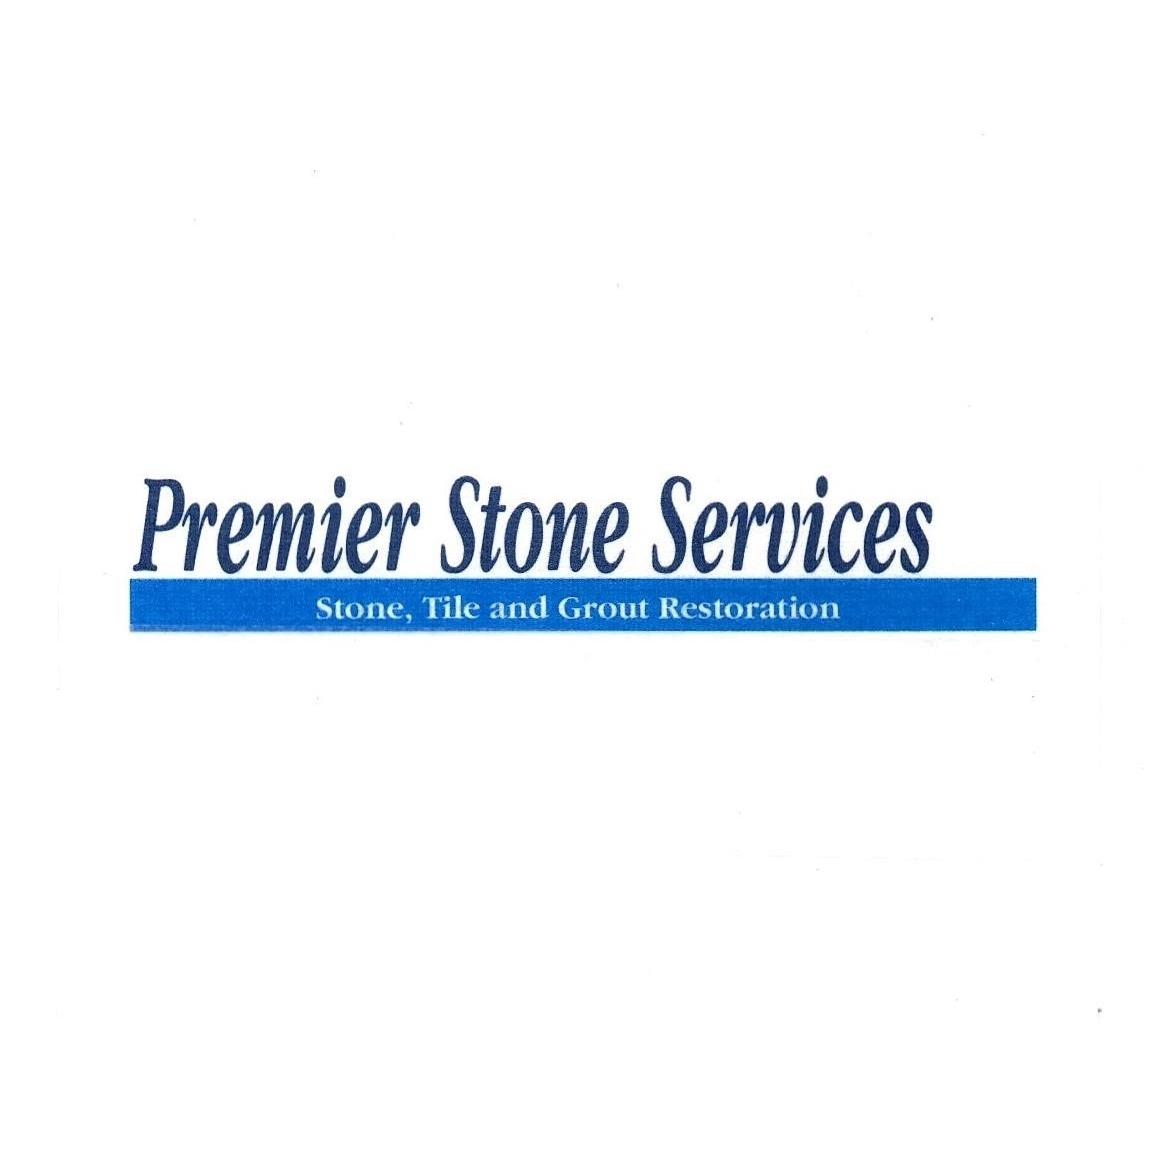 Premier Stone Services